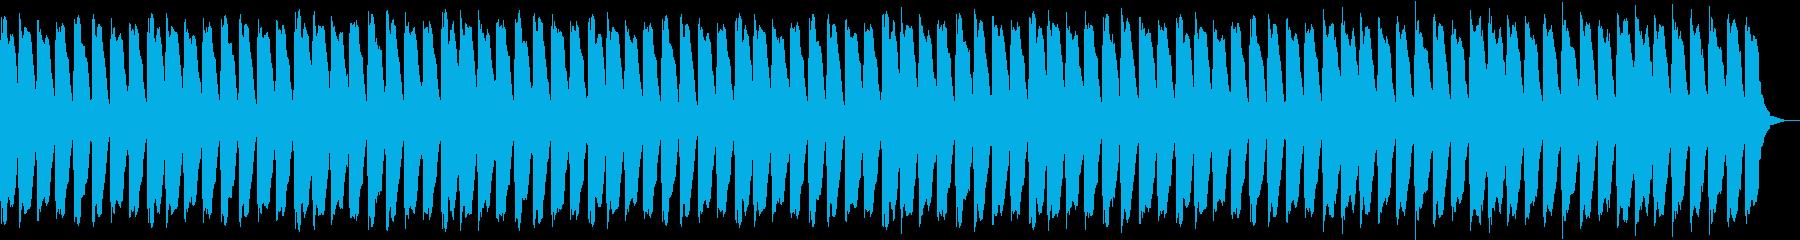 軽快な心に響く安らぎ音楽の再生済みの波形